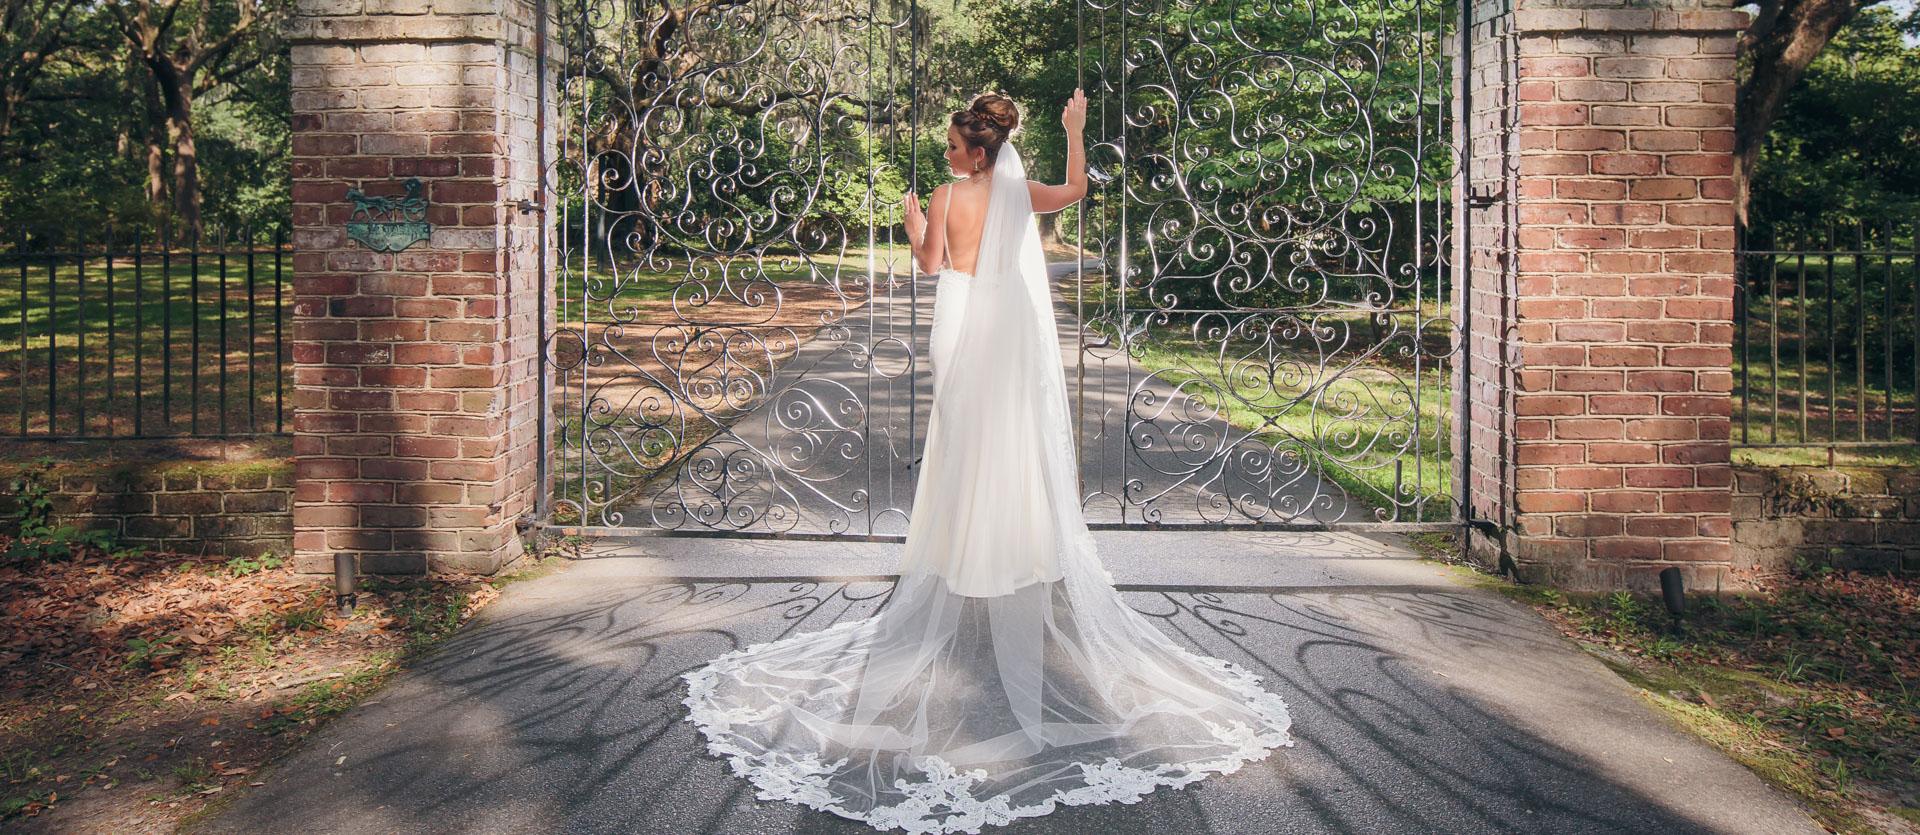 Elisa the Bride